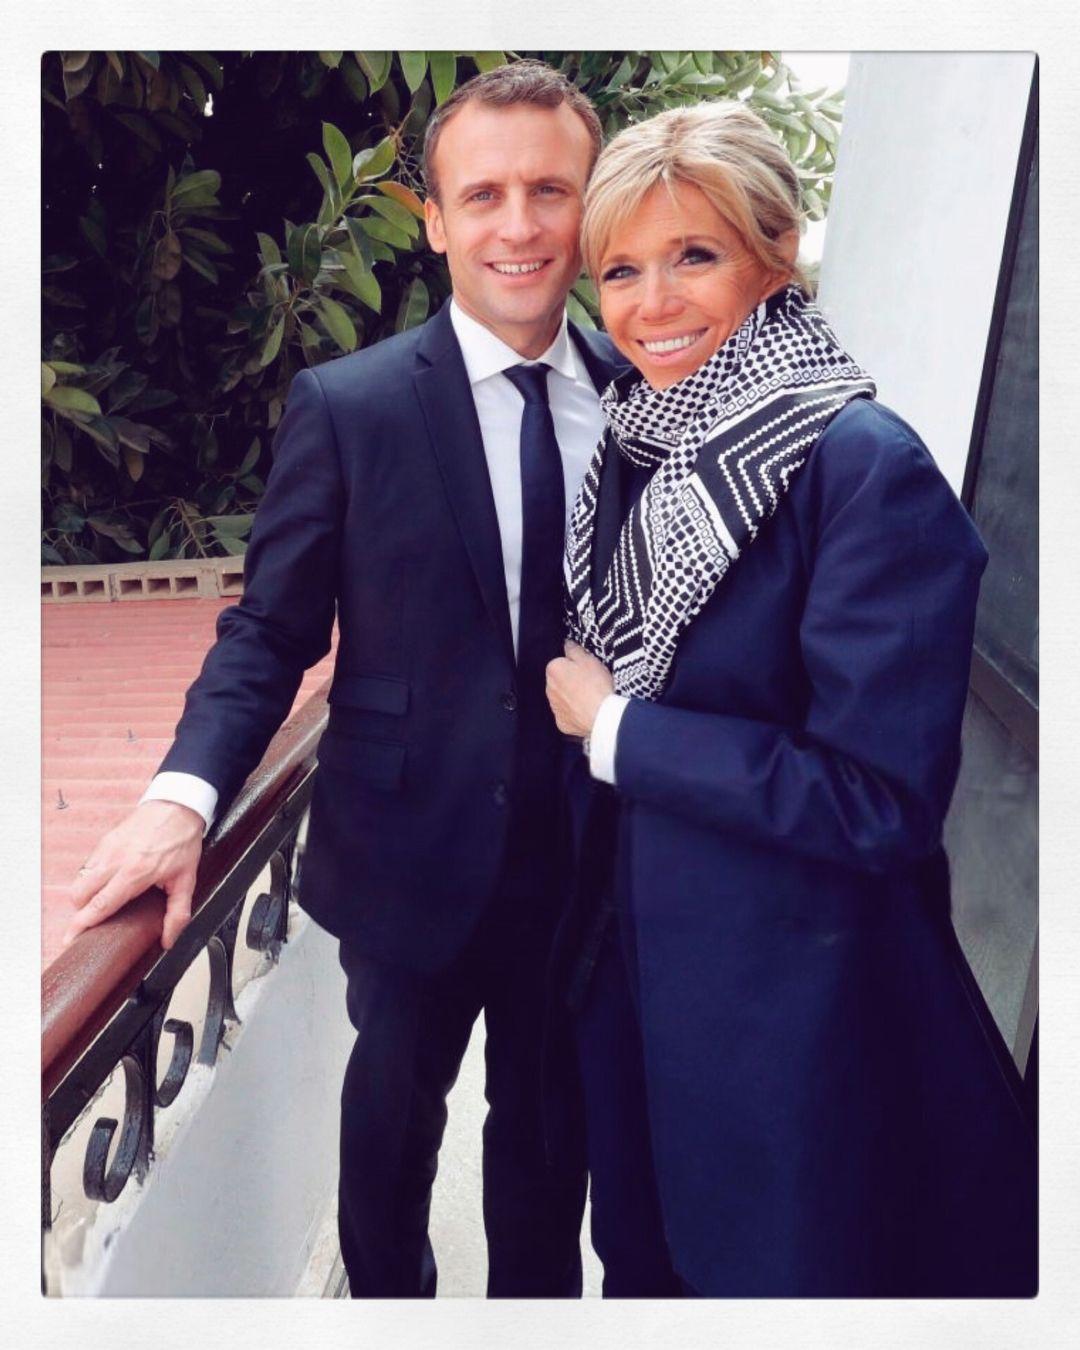 1 481 Likes 100 Comments Brigitte Et Emmanuel Lesmacron On Instagram Brigittemacron Emmanuelmacron Lesmacron Macron First Lady Old Women Style